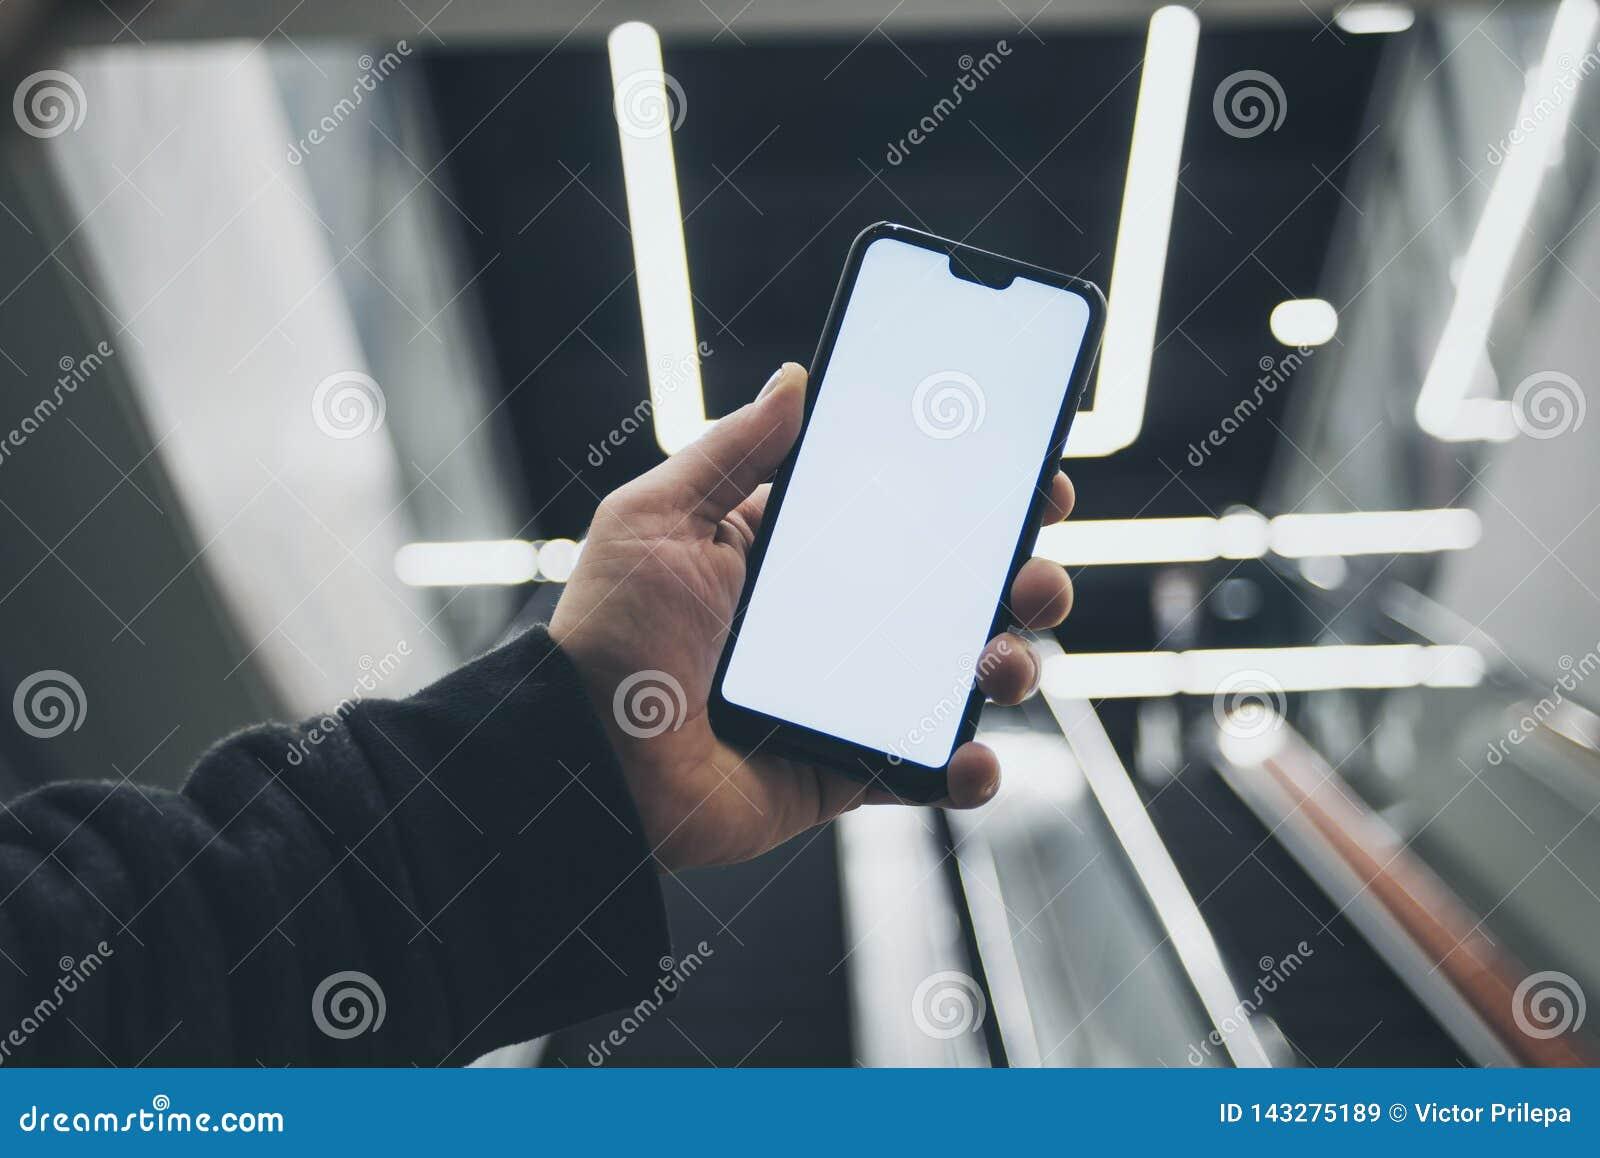 Χλεύη επάνω ενός smartphone υπό εξέταση, στο υπόβαθρο μιας κυλιόμενης σκάλας σε ένα εμπορικό κέντρο και φωτεινούς λαμπτήρες